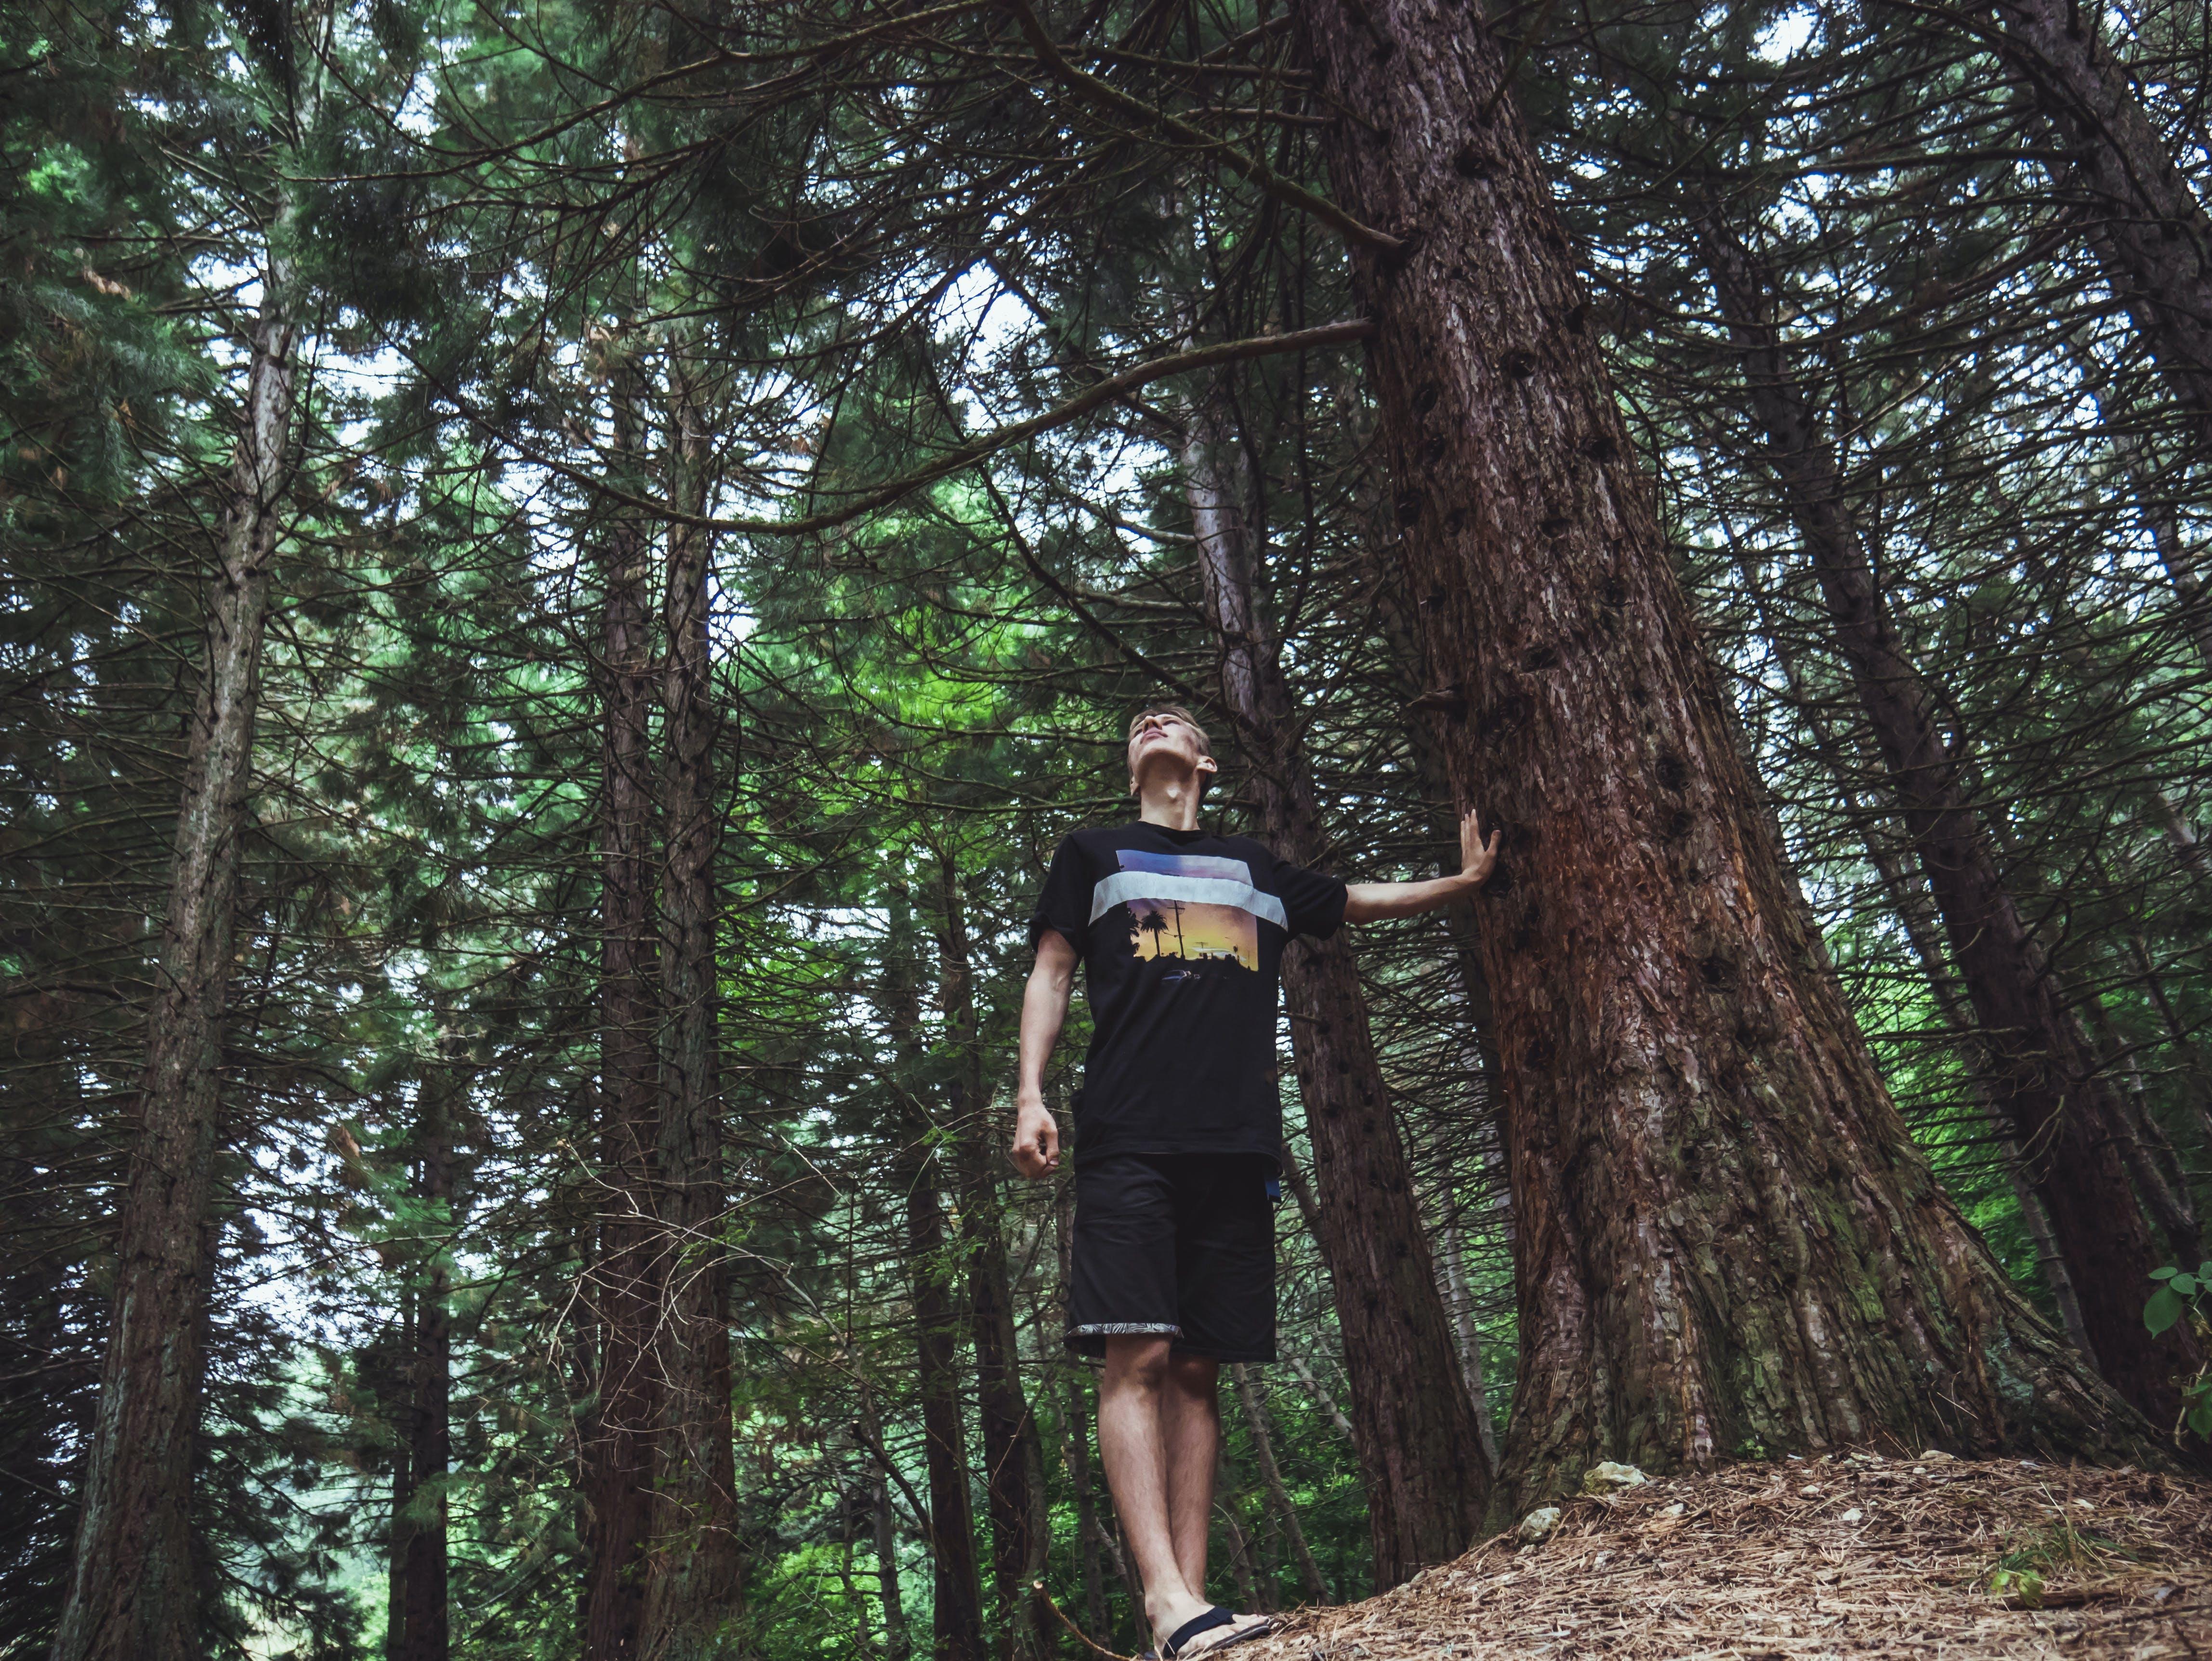 Man Wearing Black Shirt Touches Tree Trnk